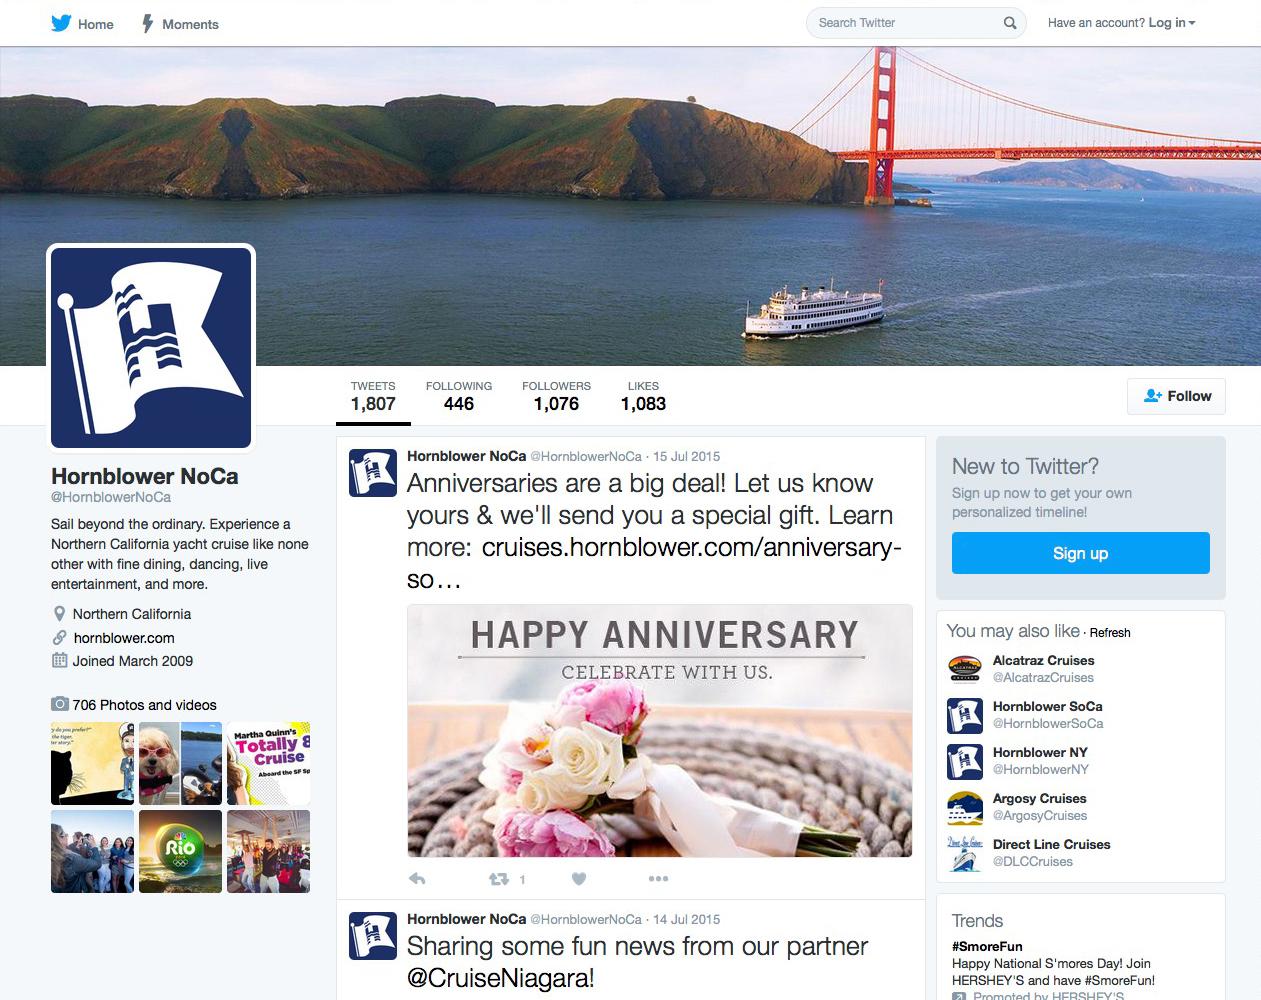 HB-Twitter-Anniversary.jpg